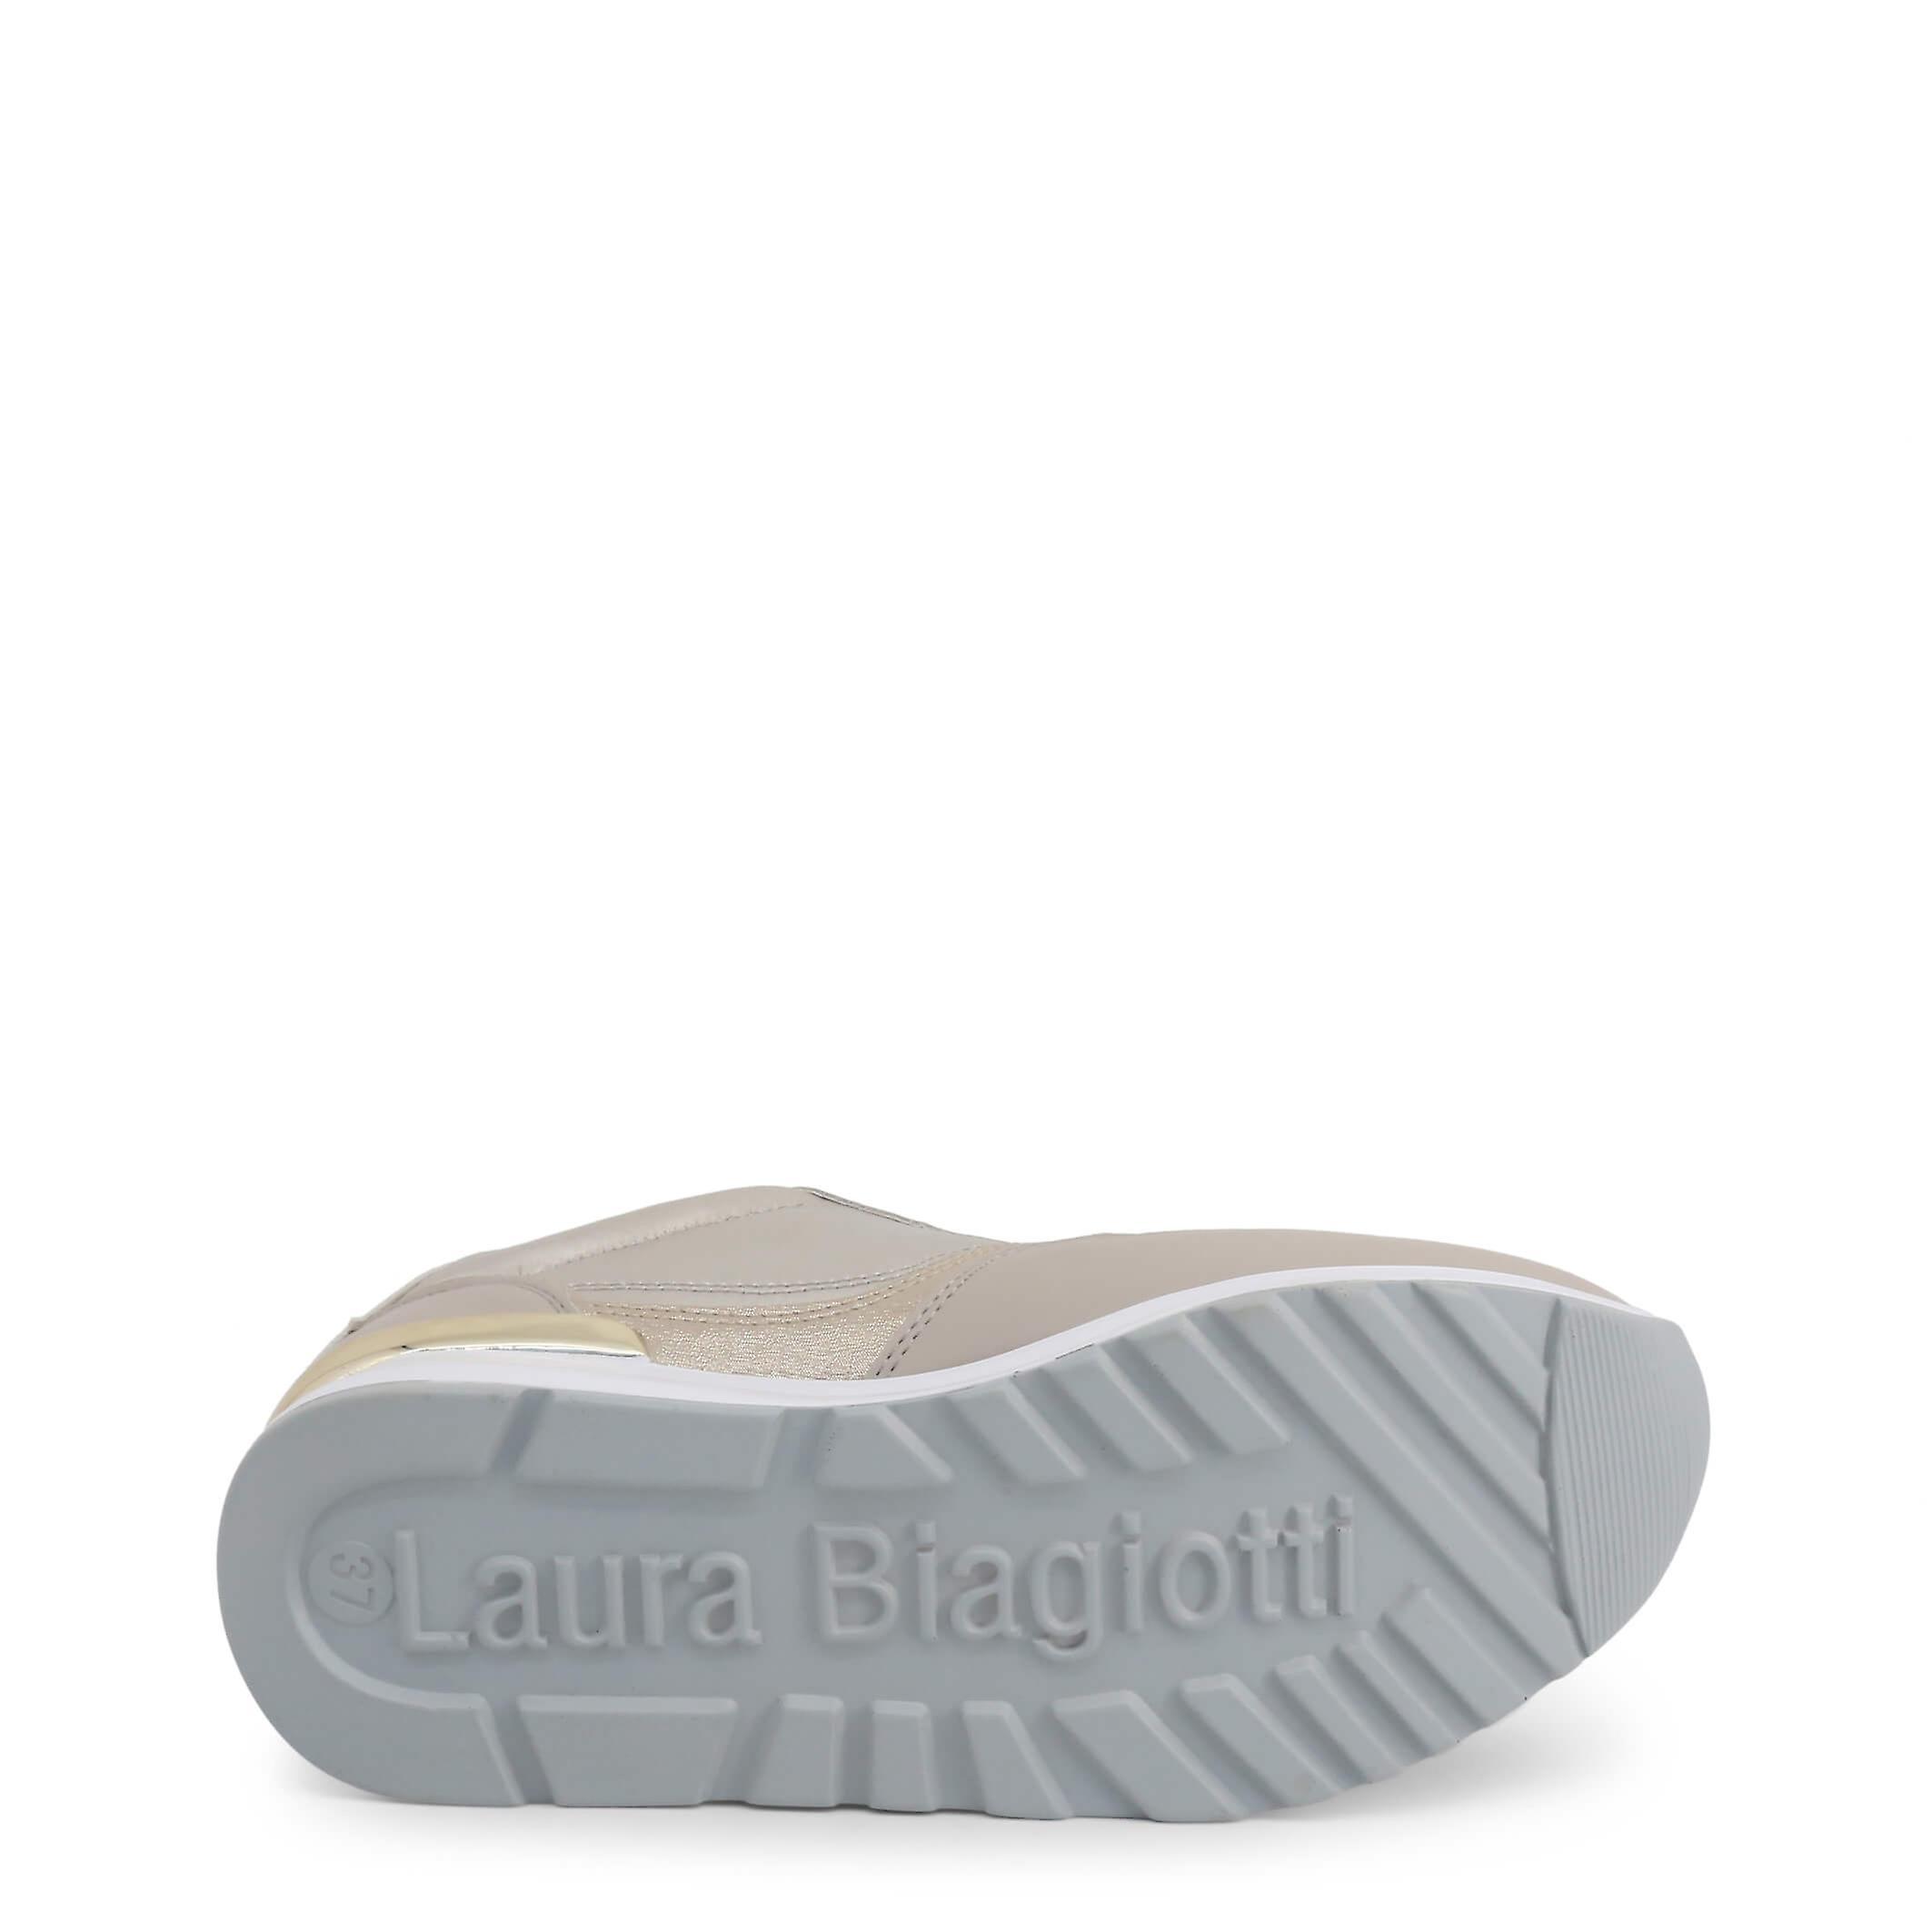 Laura Biagiotti Original Women Spring/Summer Sneakers - Brown Color 41472